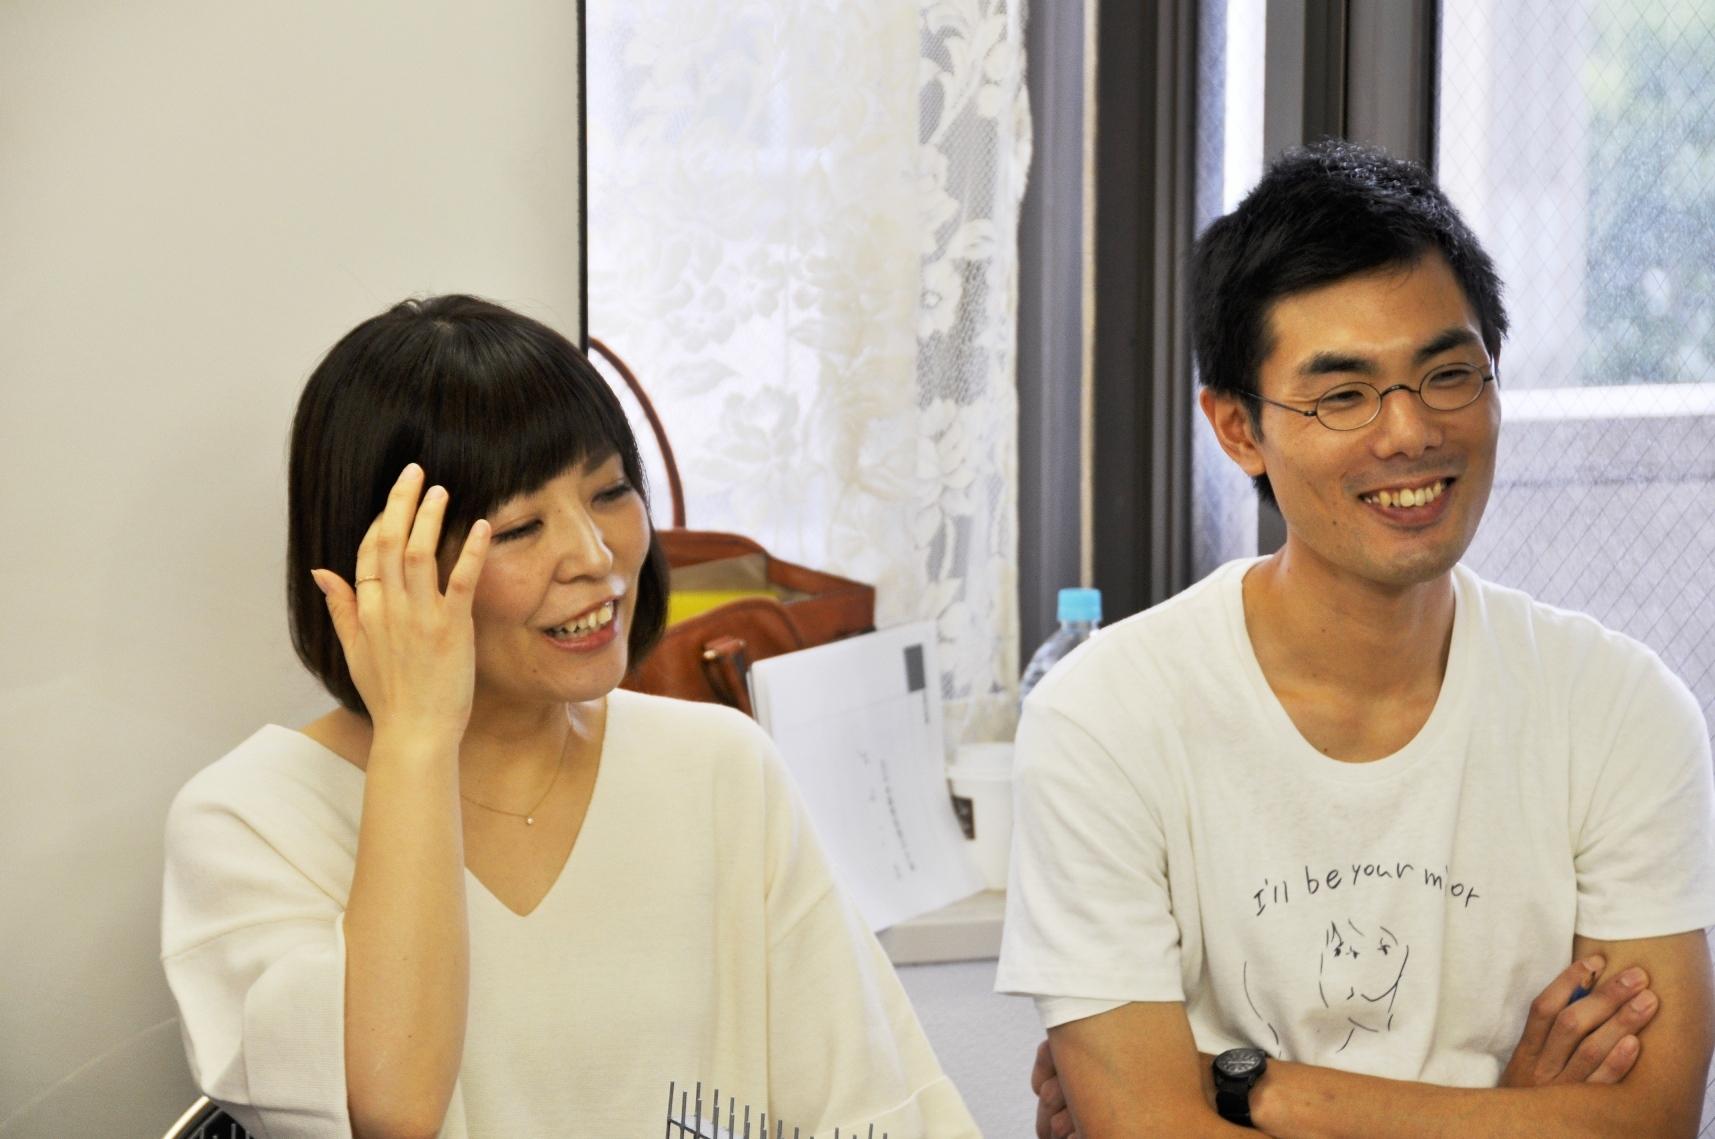 平野は現在維新派で2番目に長く在籍しているベテランの役者。金子は『レミング』で振付を担当するなど、近年松本の右腕的な仕事をしていた。